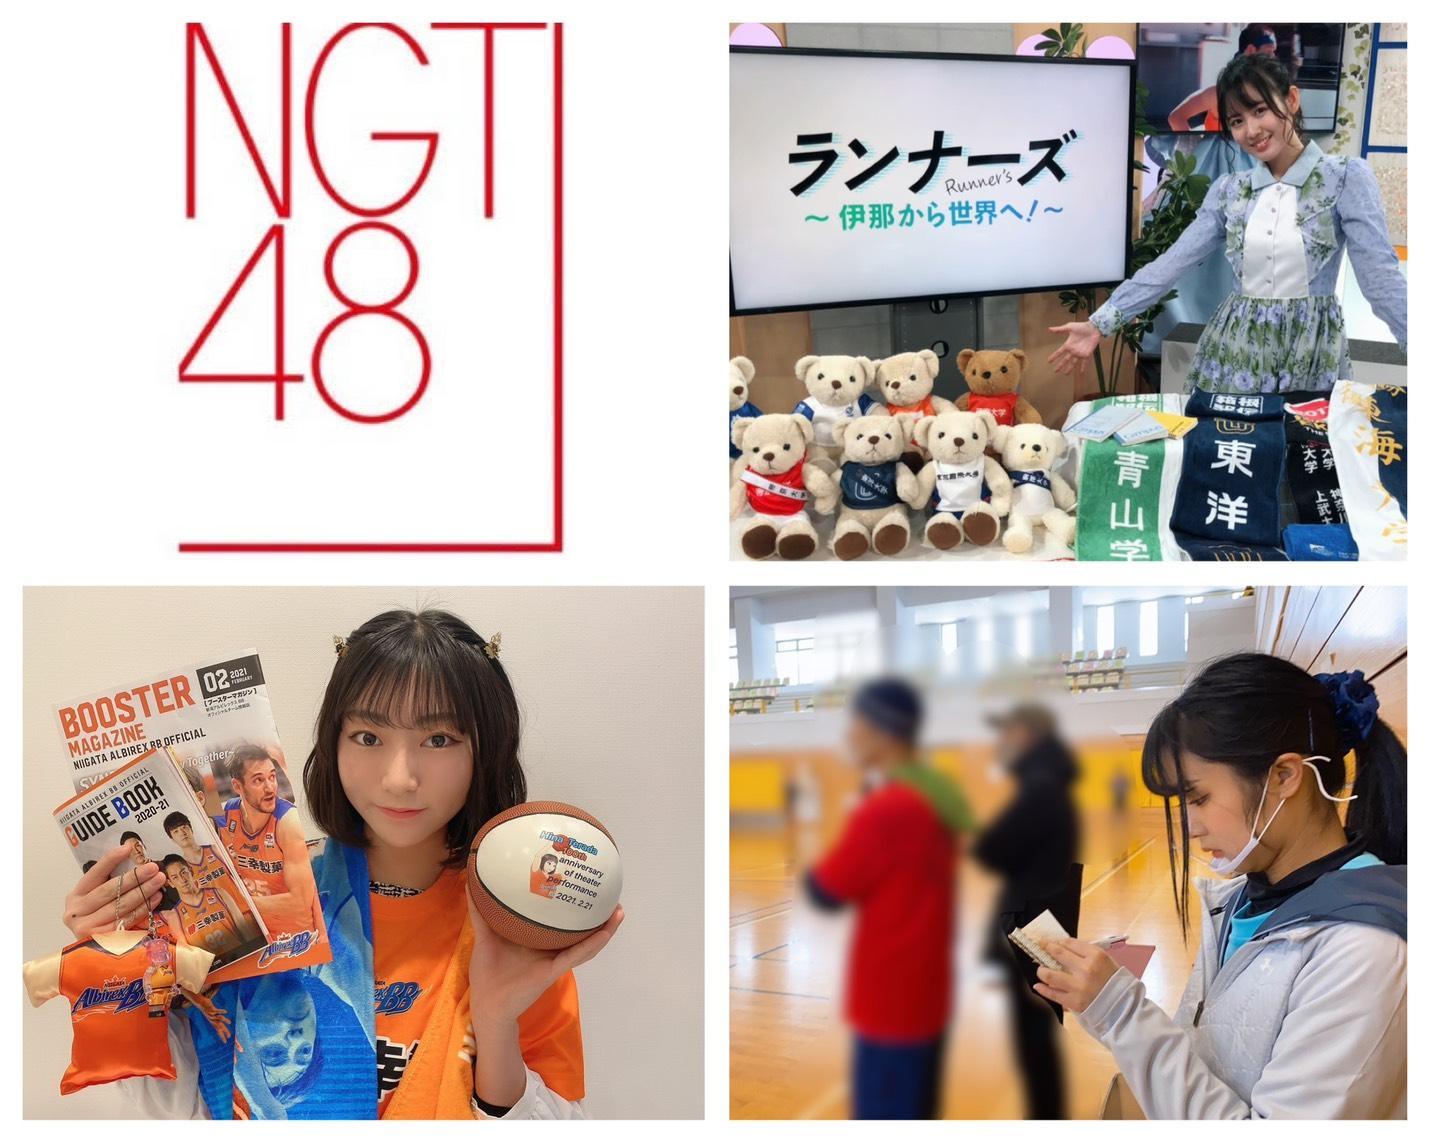 【連載コラム】NGT48西村菜那子の陸上日記#37